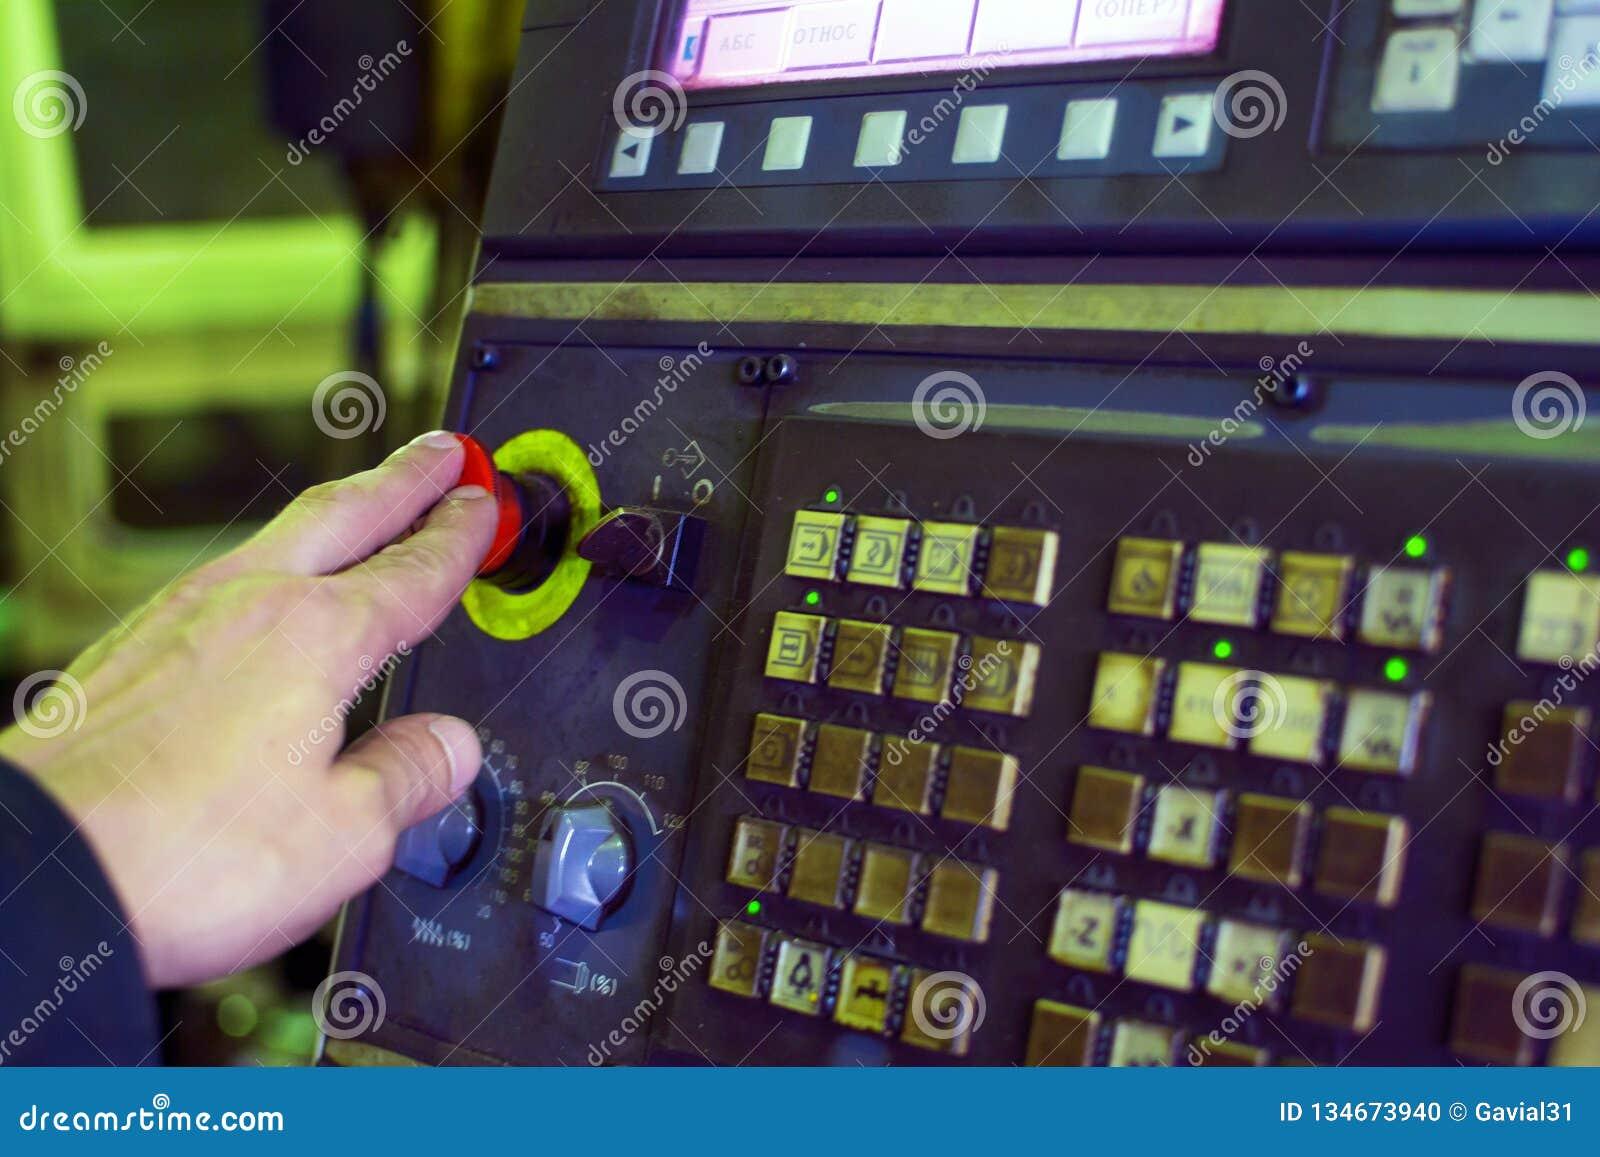 控制数据设备数字输入设备管理面板工具 软绵绵地集中